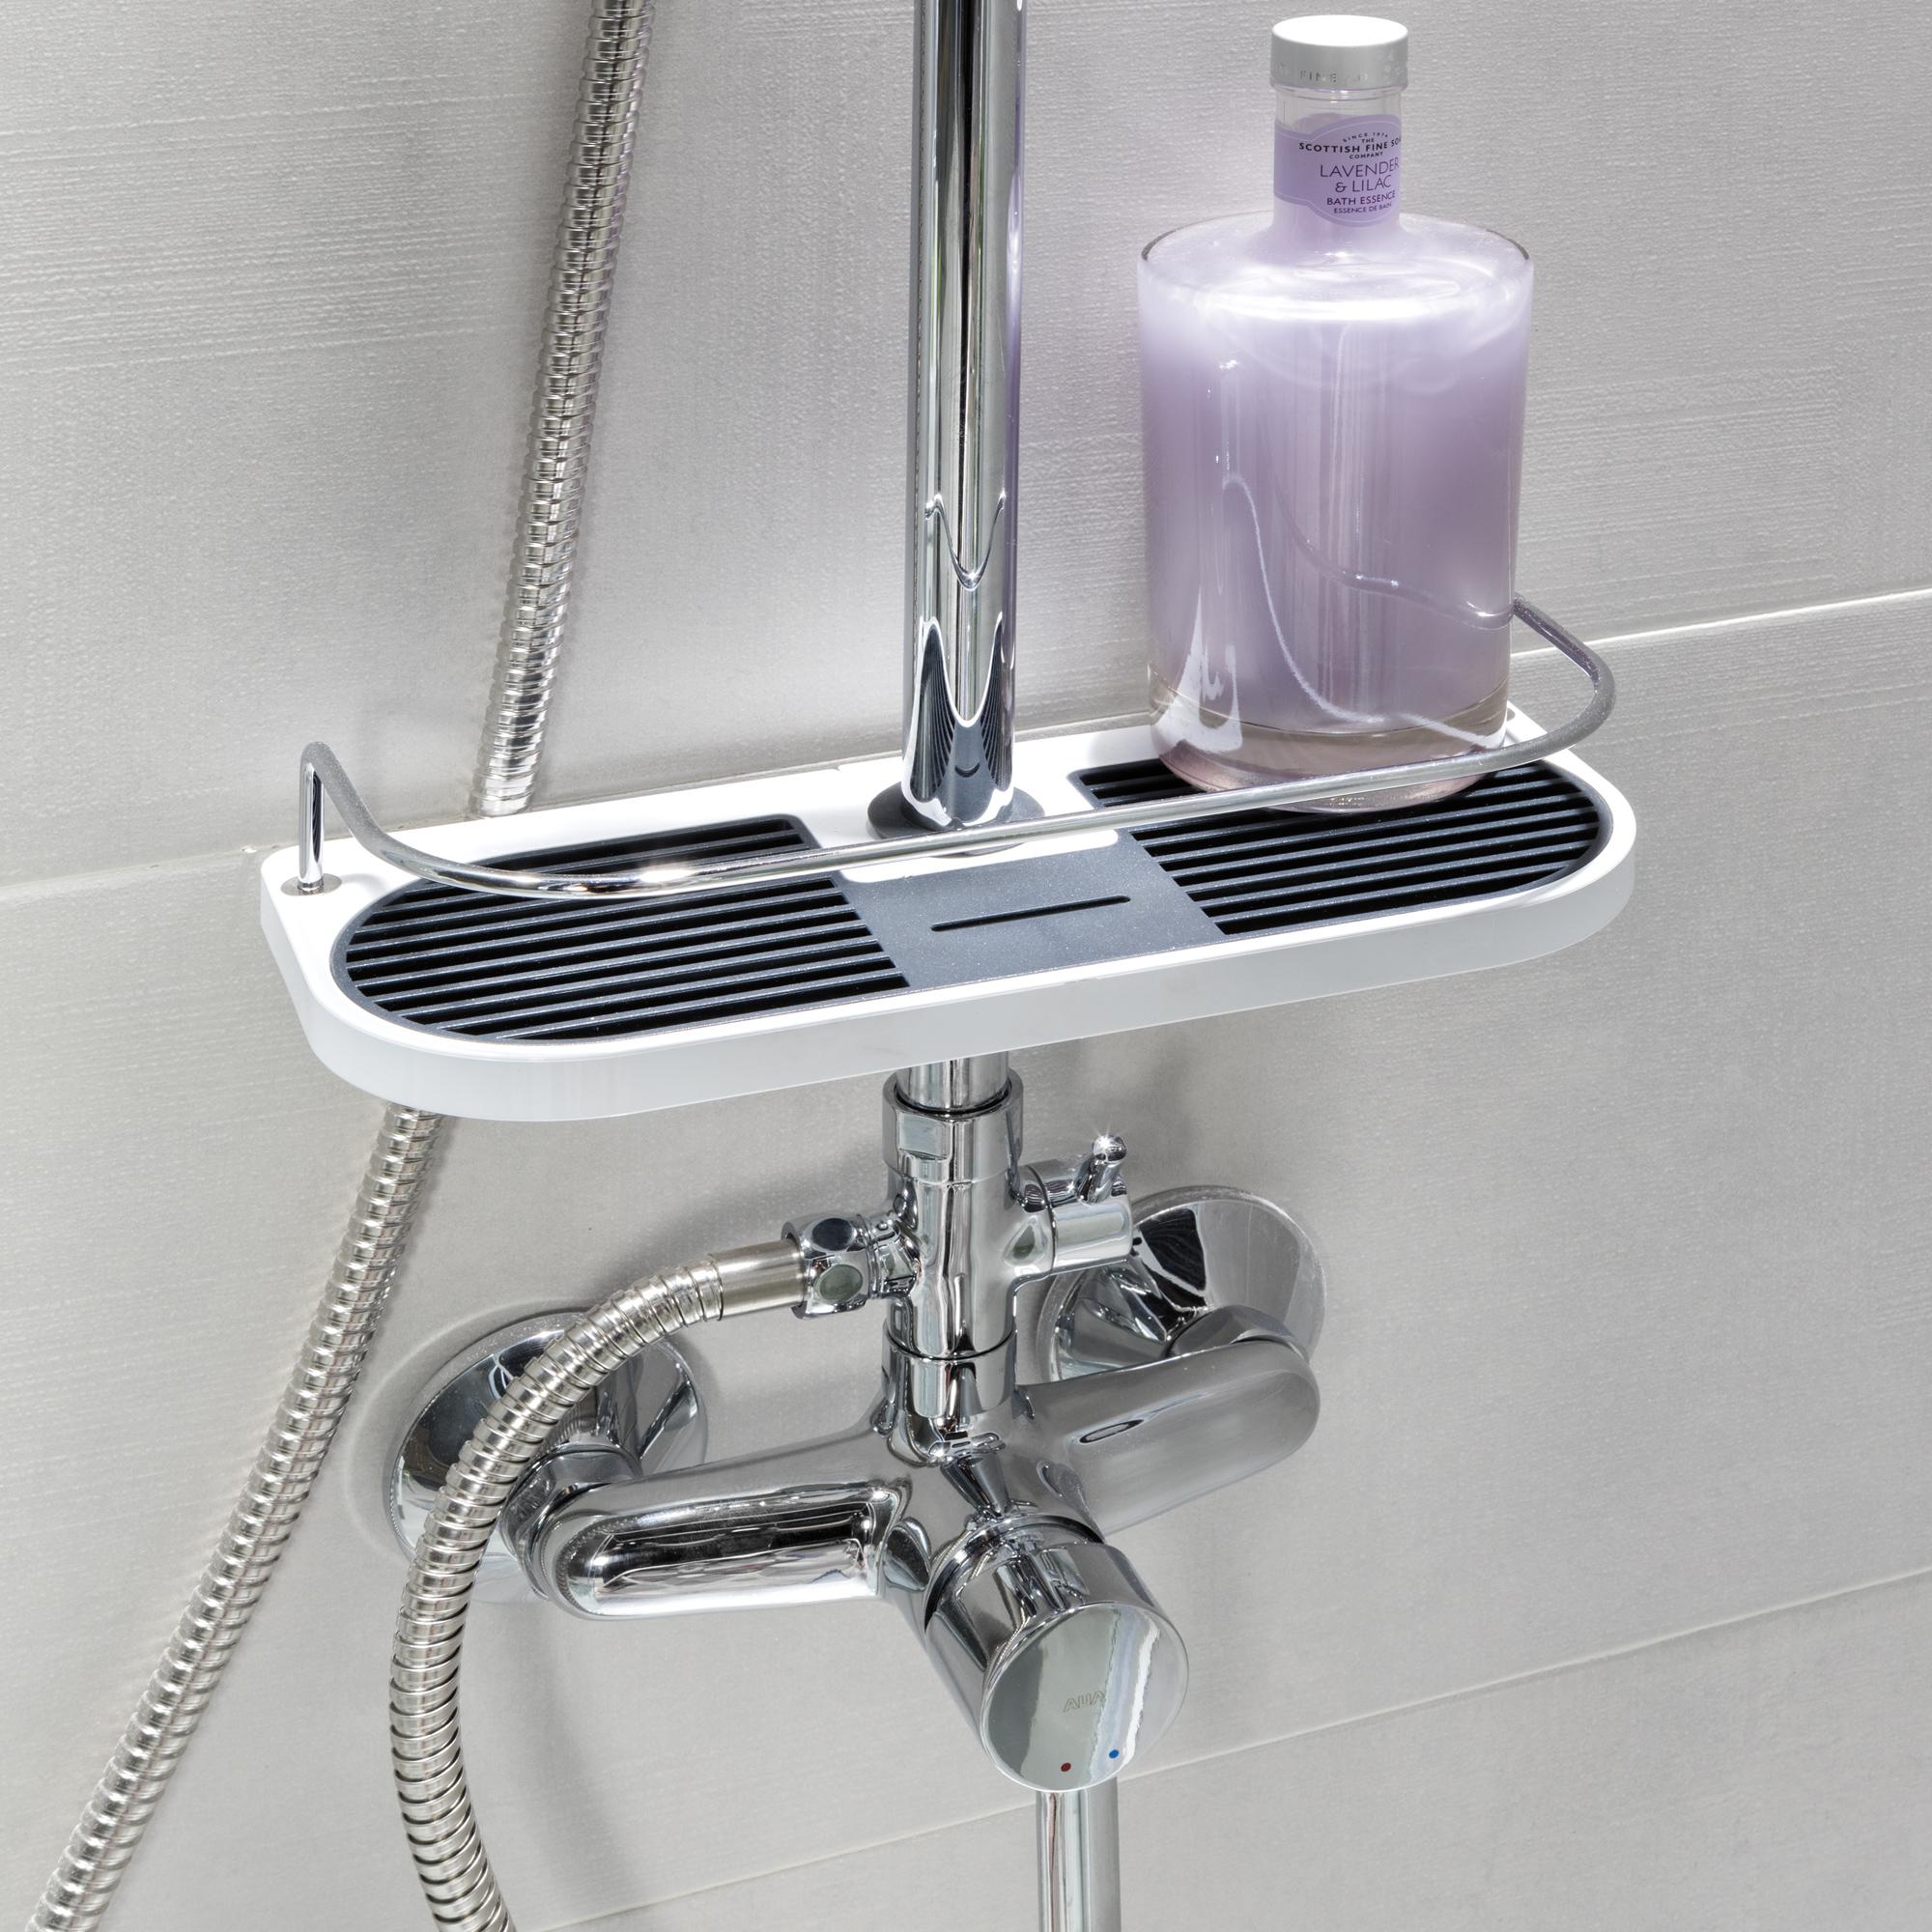 Cooper el estante para ducha adaptable grup gamma for Estanterias ducha bano